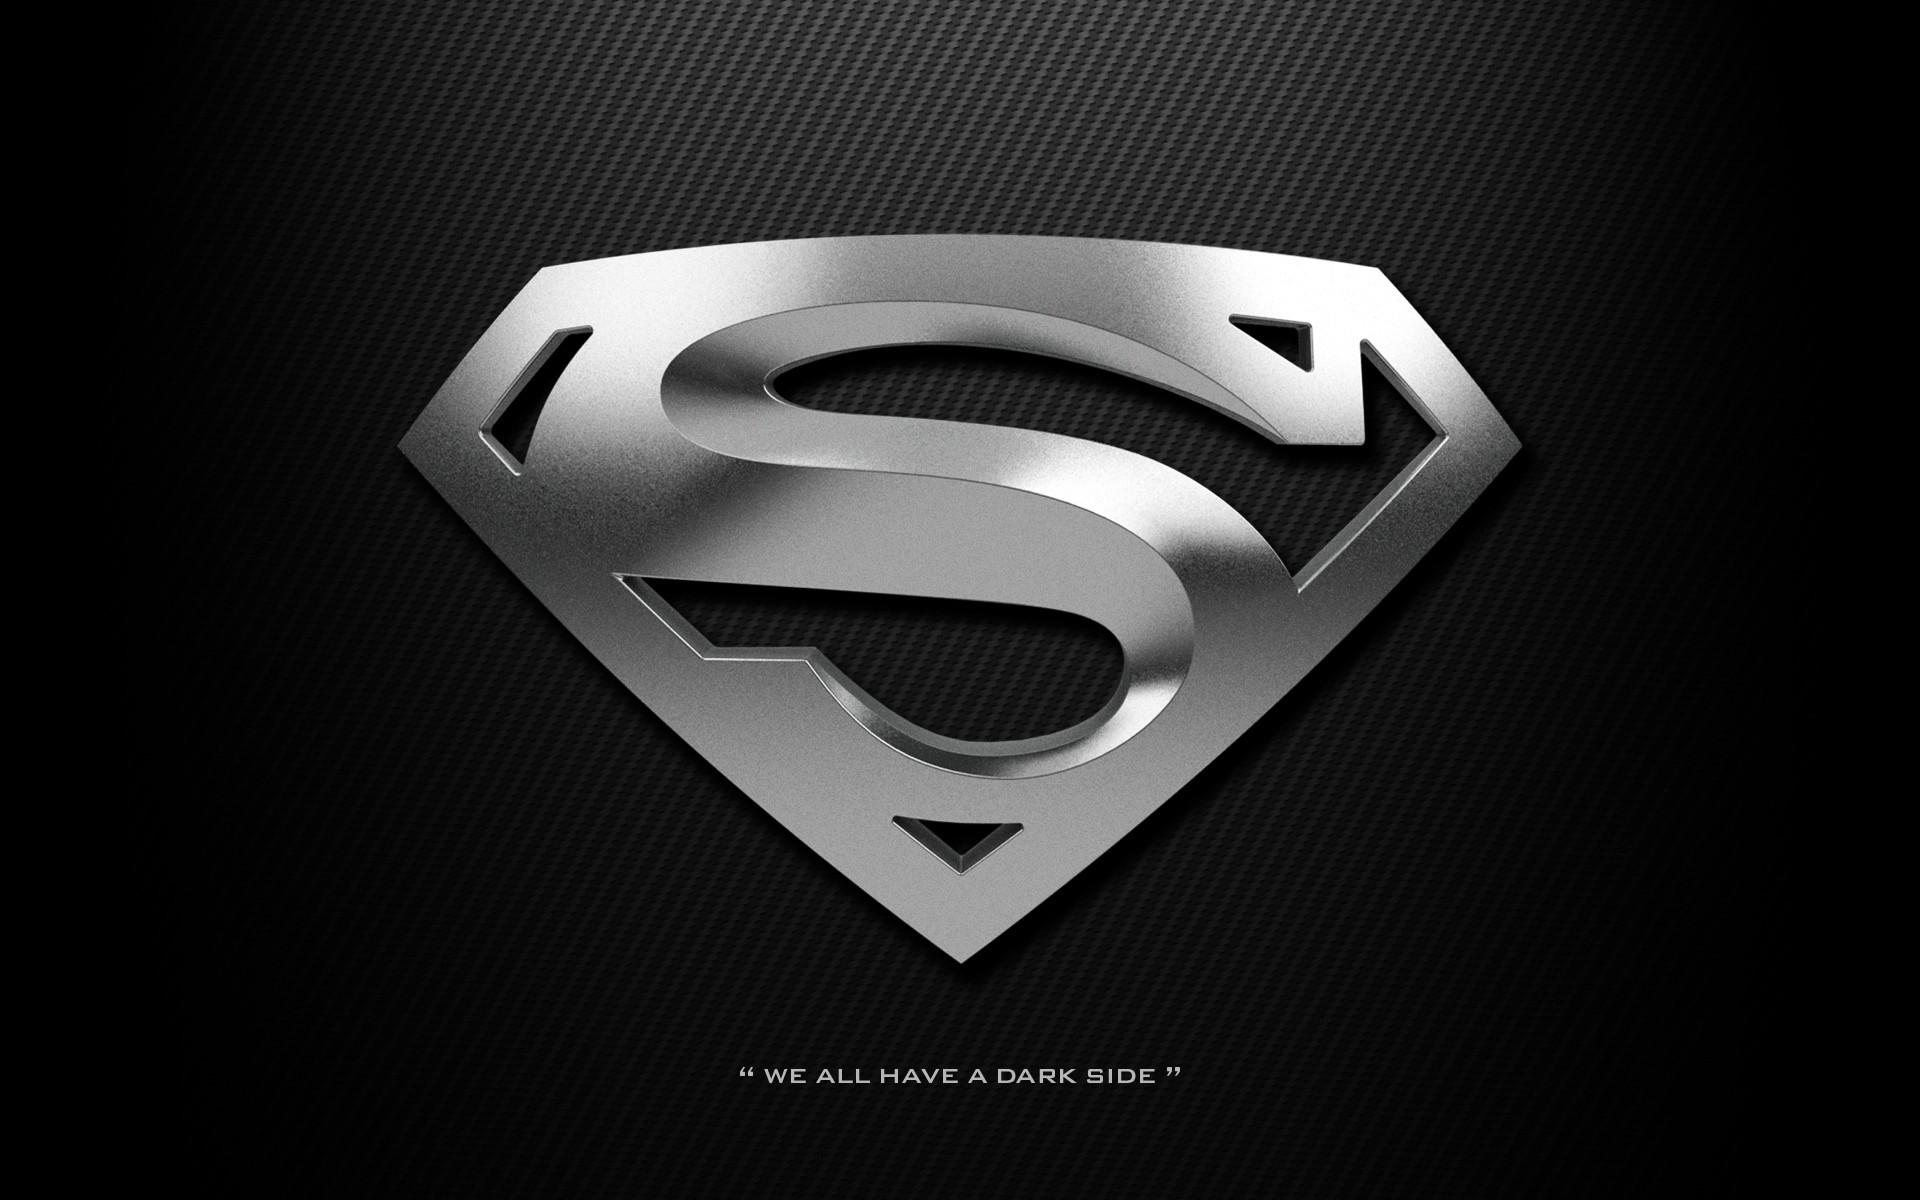 Black Superman Logo Wallpaper - WallpaperSafari